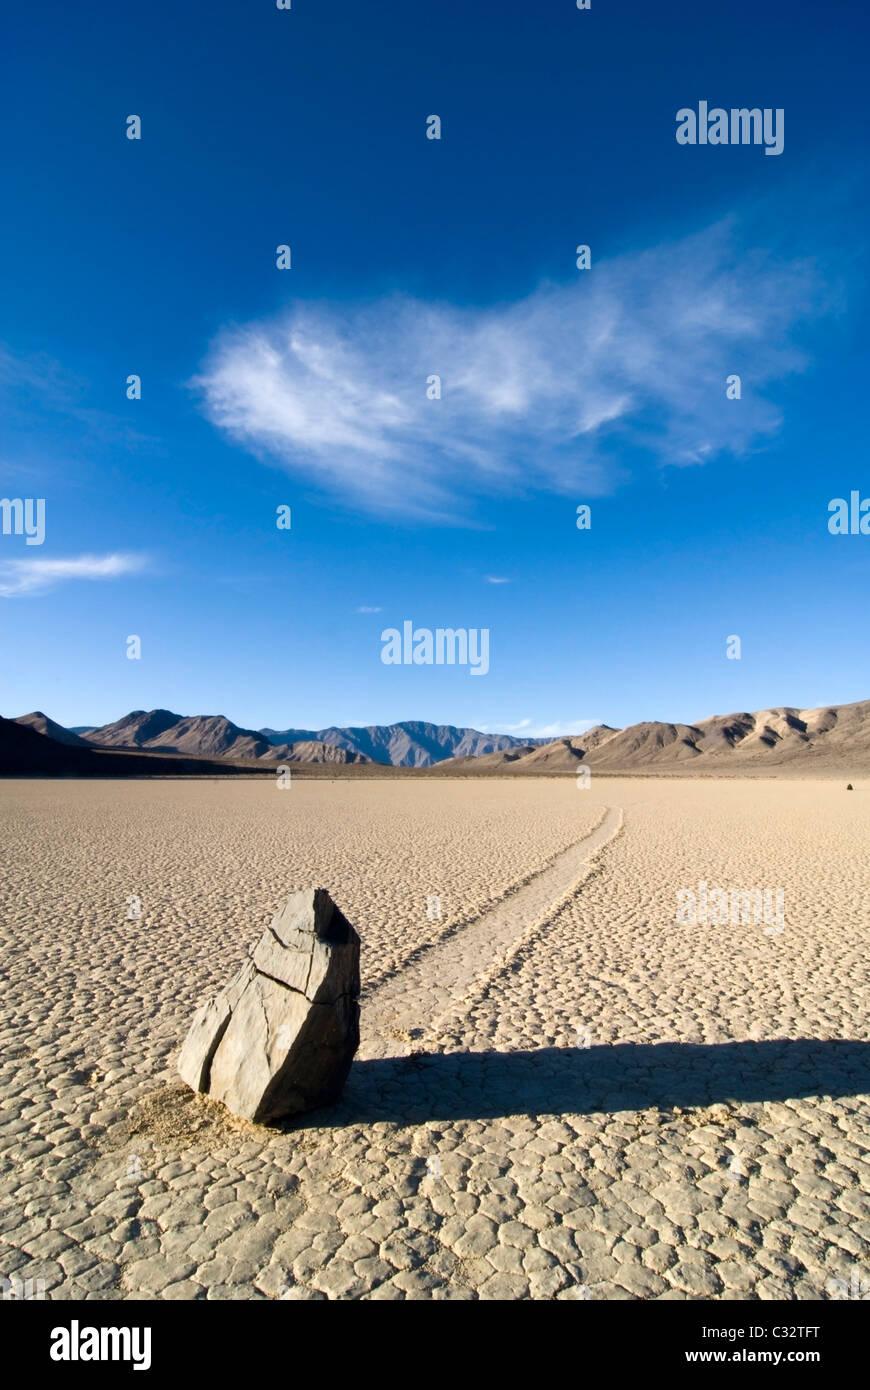 Ein Stein hinterlässt eine Spur von seiner Bewegung über den Sand auf der berühmten Rennstrecke in Stockbild